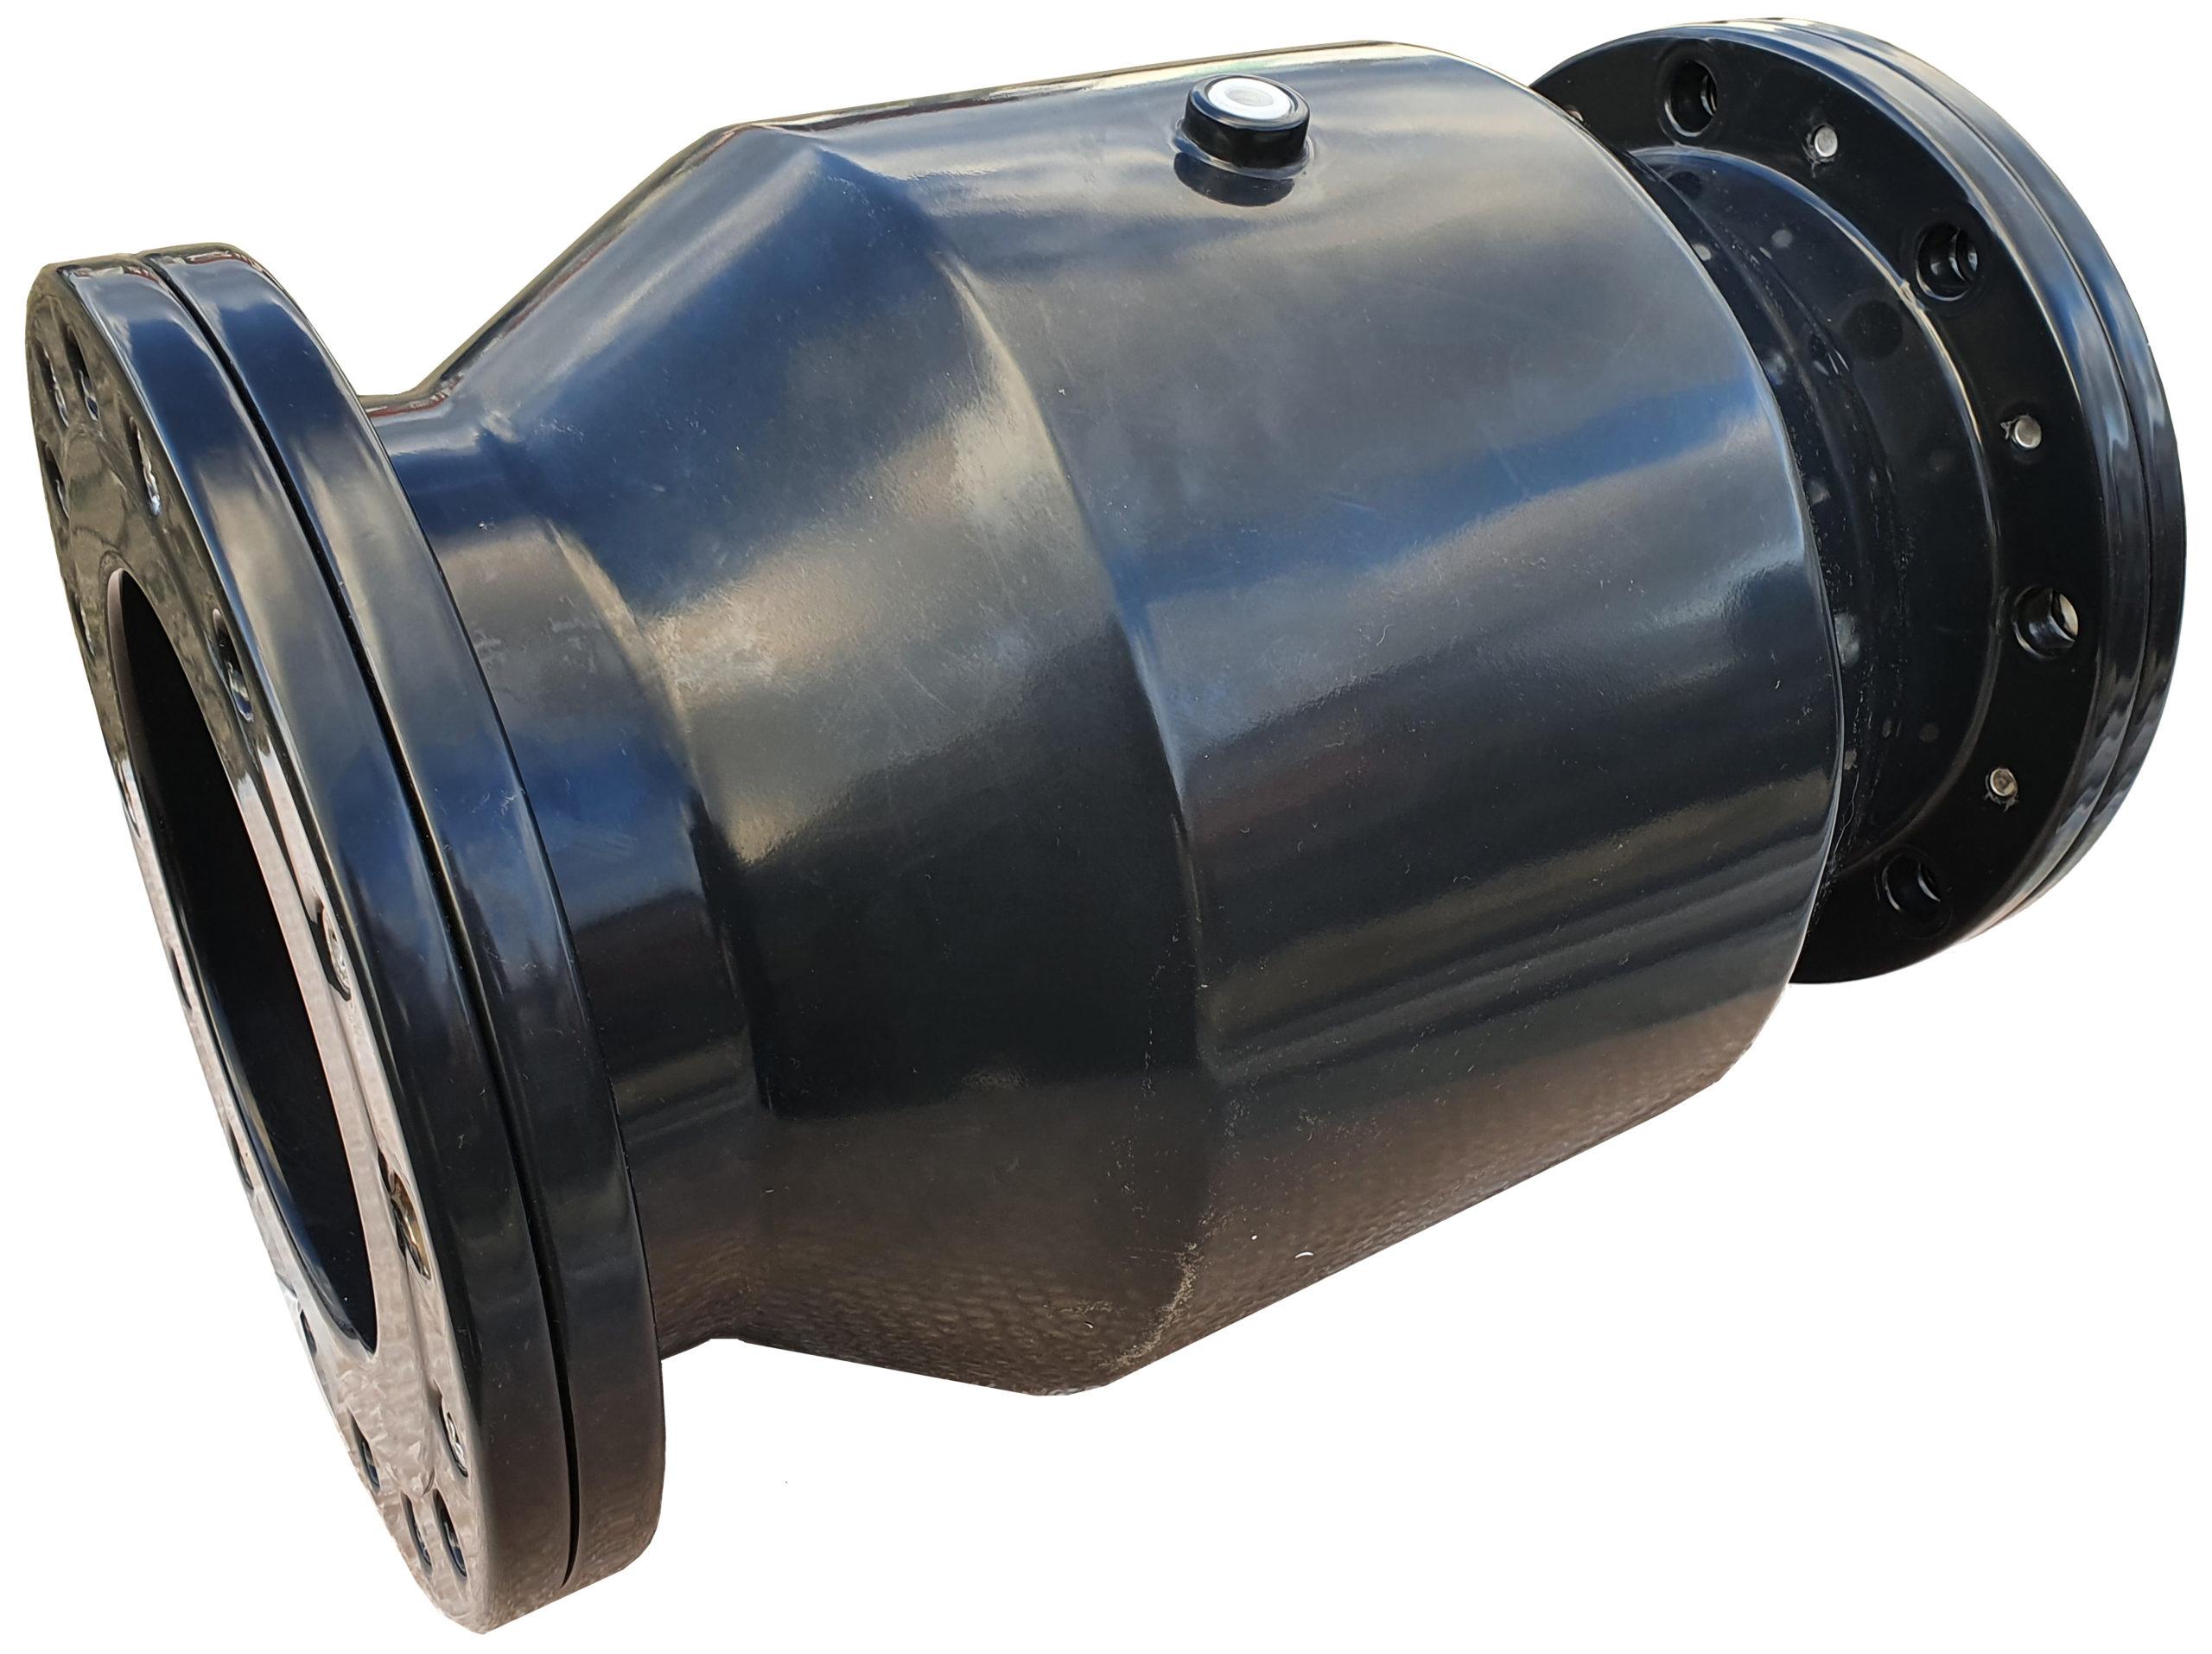 KVT-QV-ETFE-Beschichtung-Koenigswasser-20201119_154134